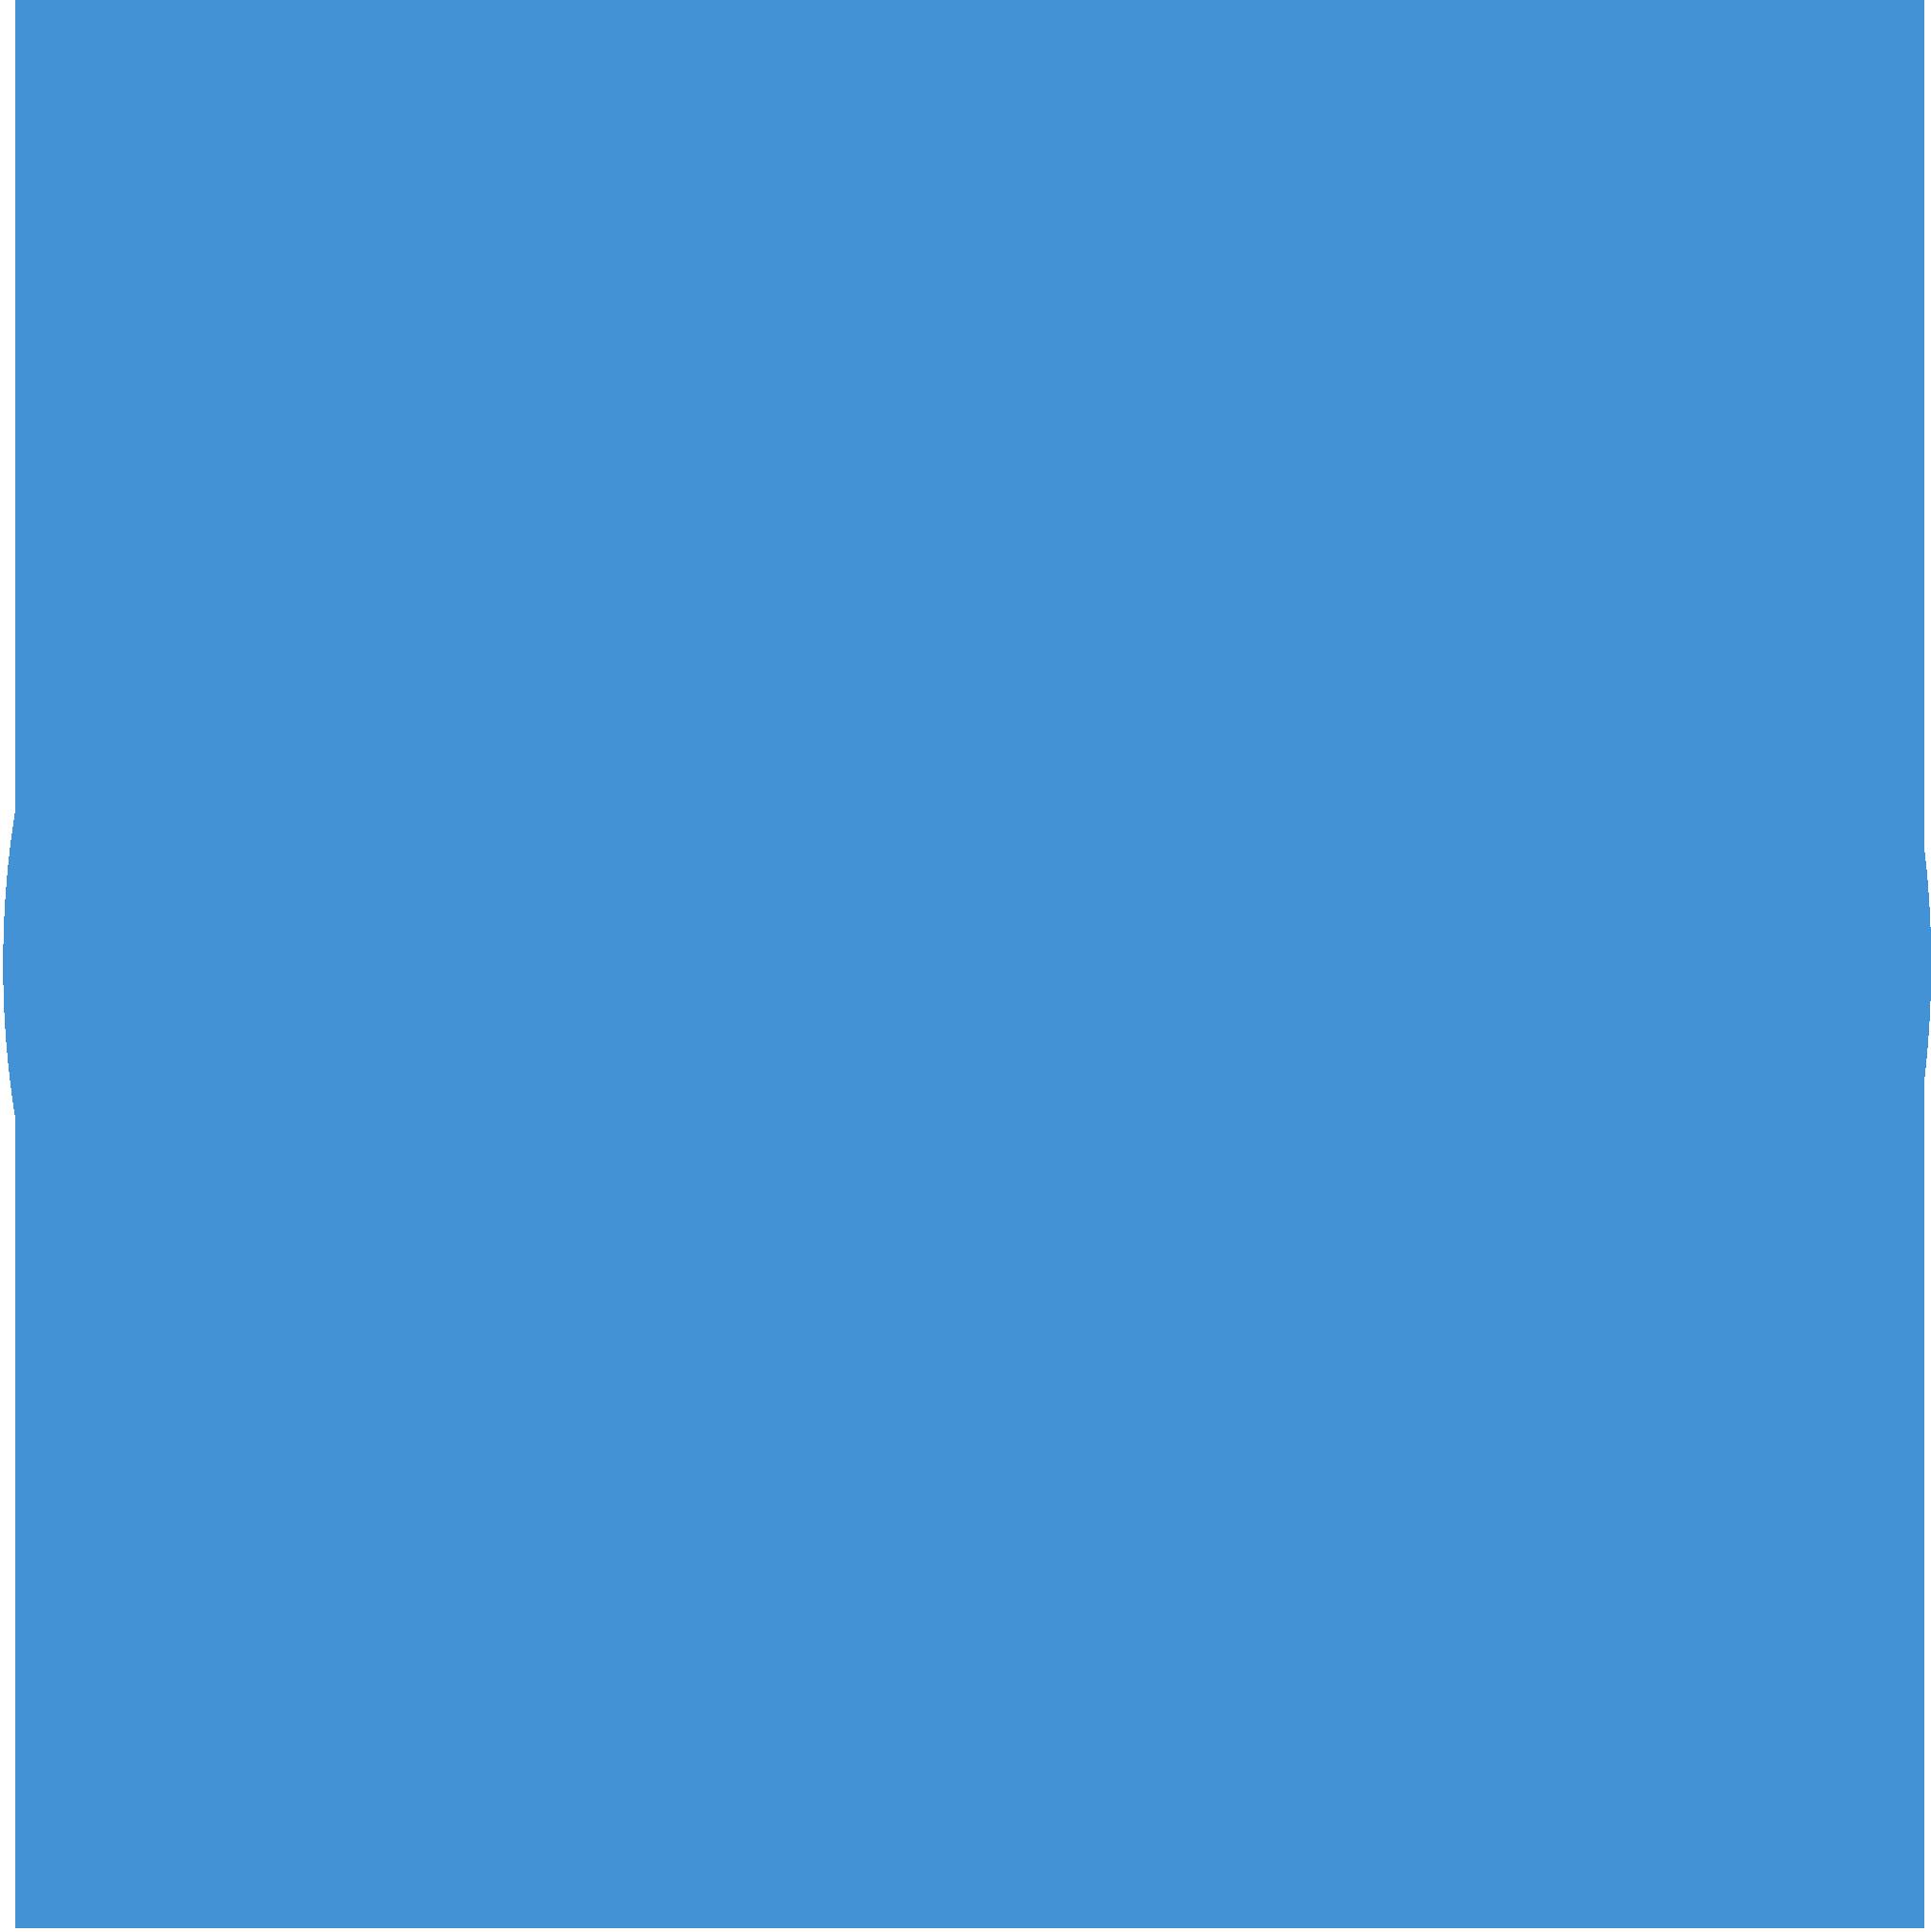 ফেইসবুকে দুই/তিন অক্ষরের সিঙ্গল নাম করুন খুব সহজেই।[না জানলে+না করলেও শিখে রাখুন কাজে লাগবে]